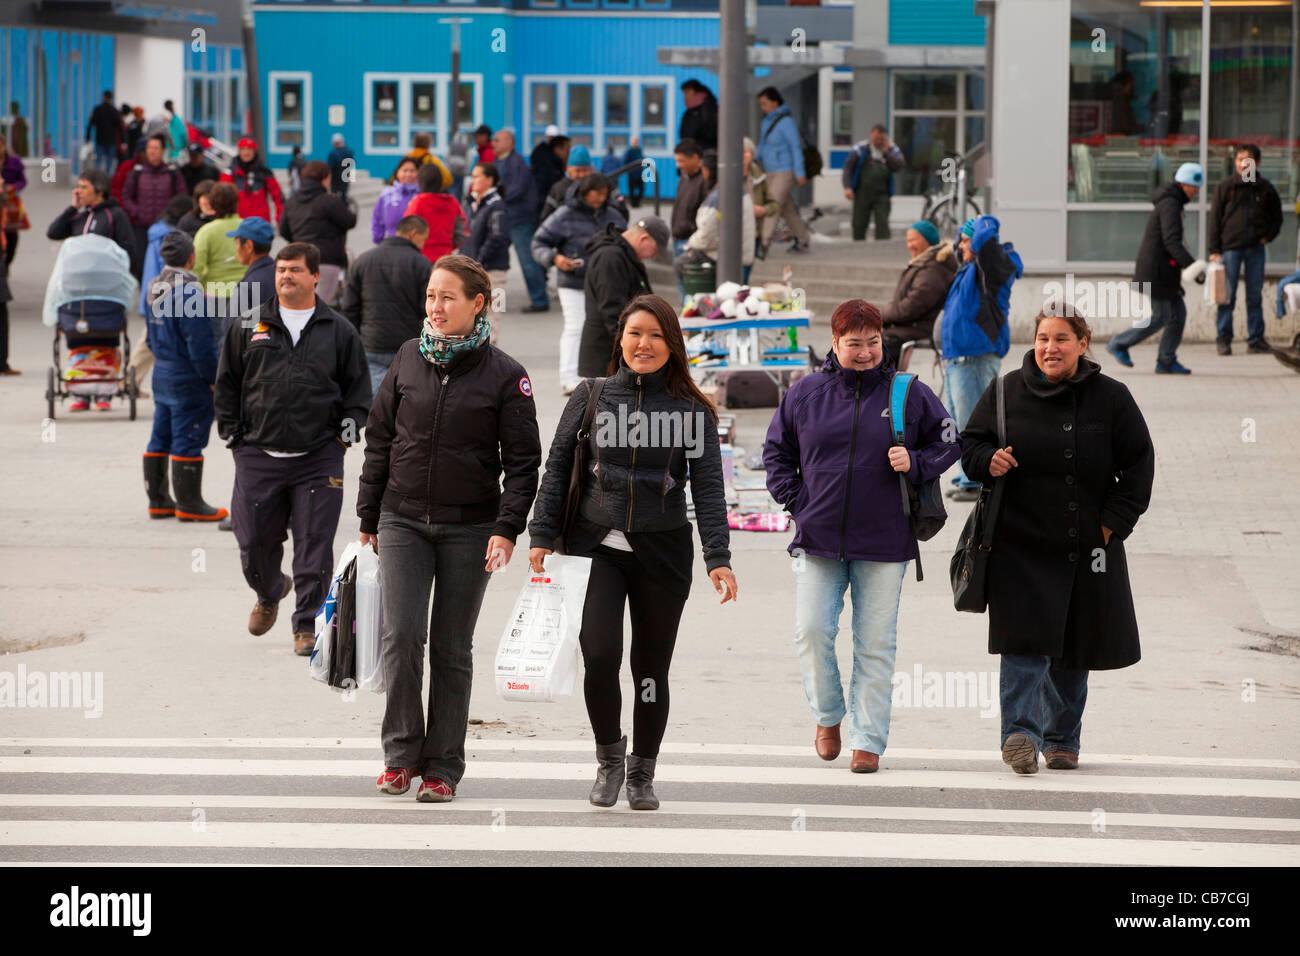 Les piétons au centre-ville de Nuuk, capitale du Groenland (RMN) Photo Stock